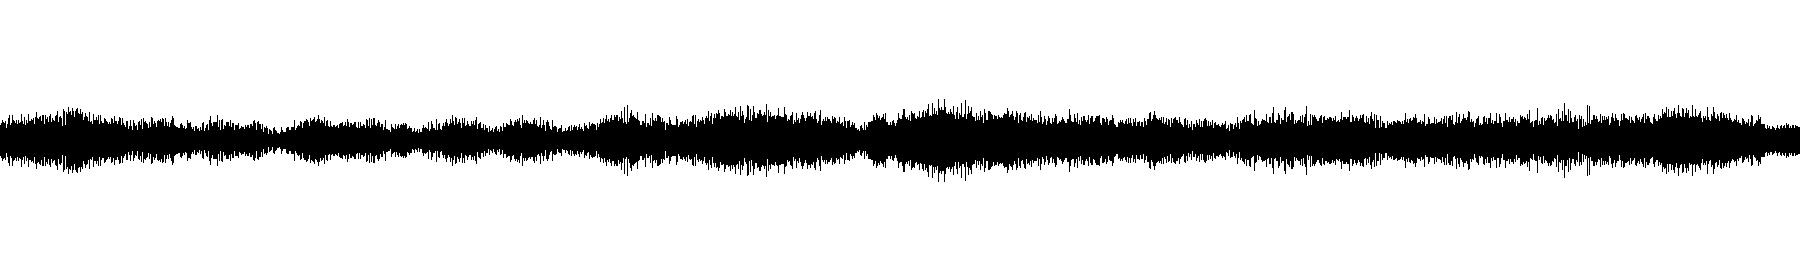 ambientlovedrug perfectloop